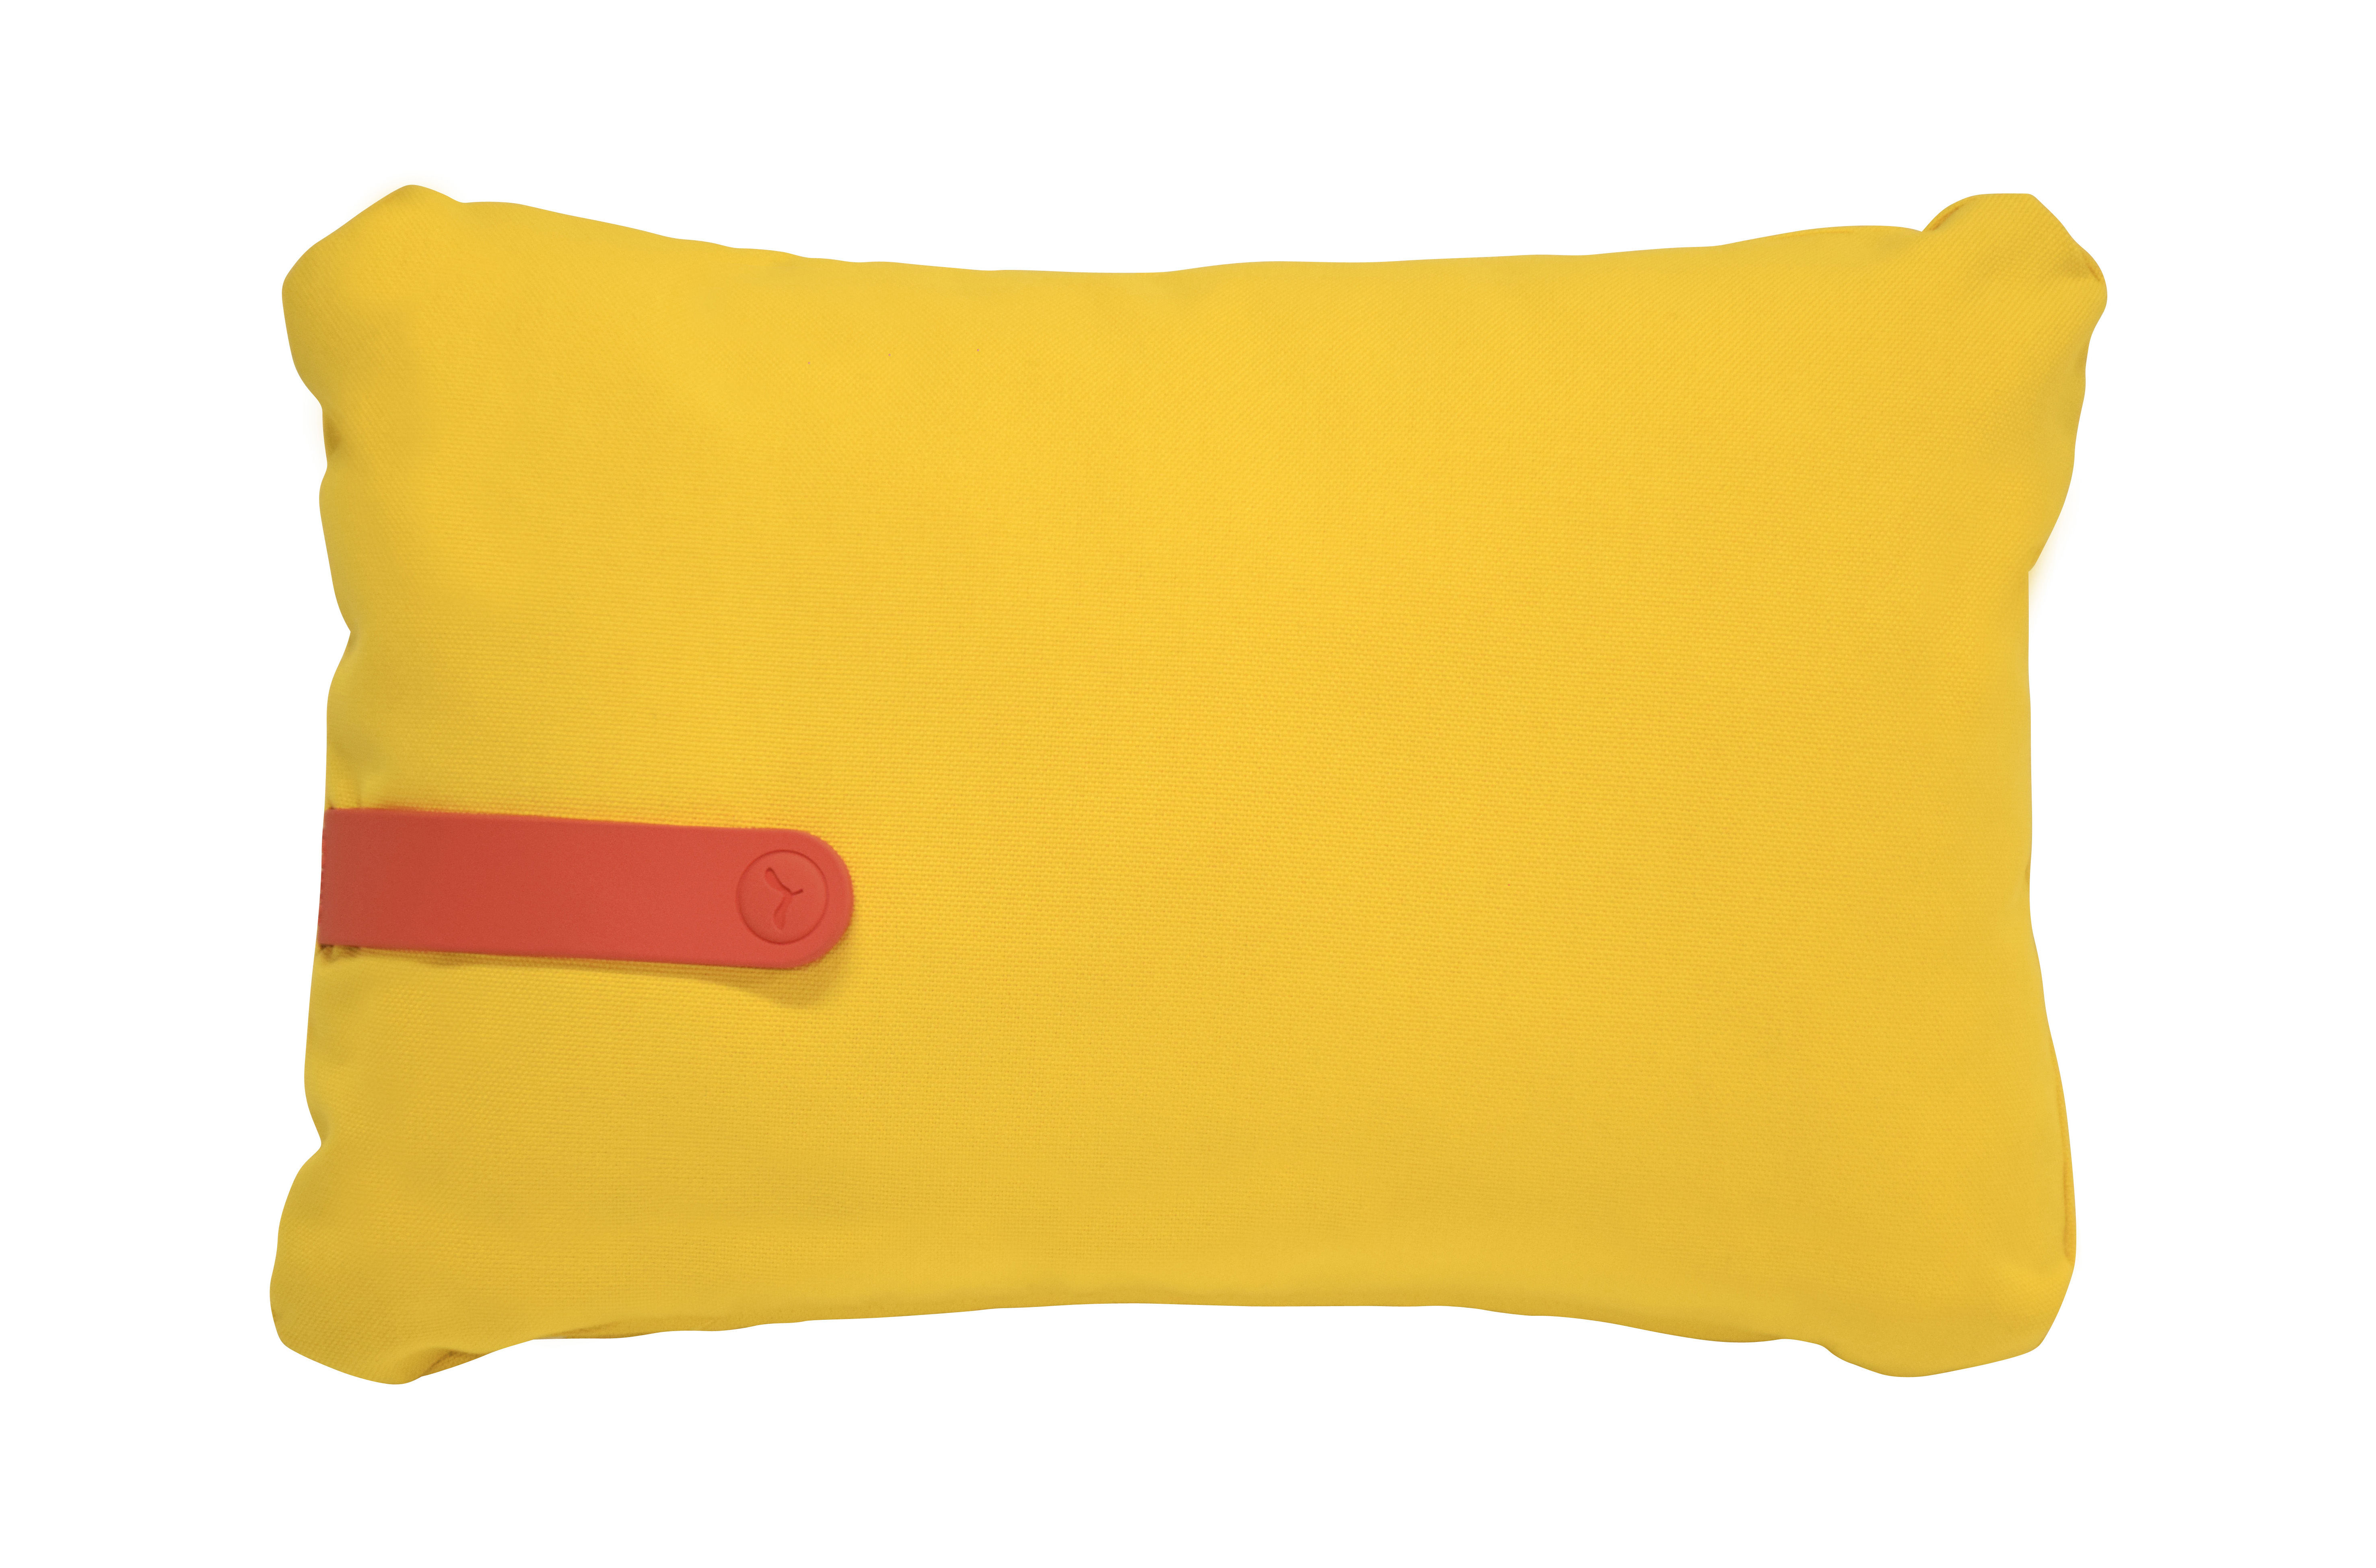 Interni - Cuscini  - Cuscino da esterno Color Mix / 44 x 30 cm - Fermob - Giallo / Cinghia nasturzio - Espanso, PVC, Tessuto acrilico